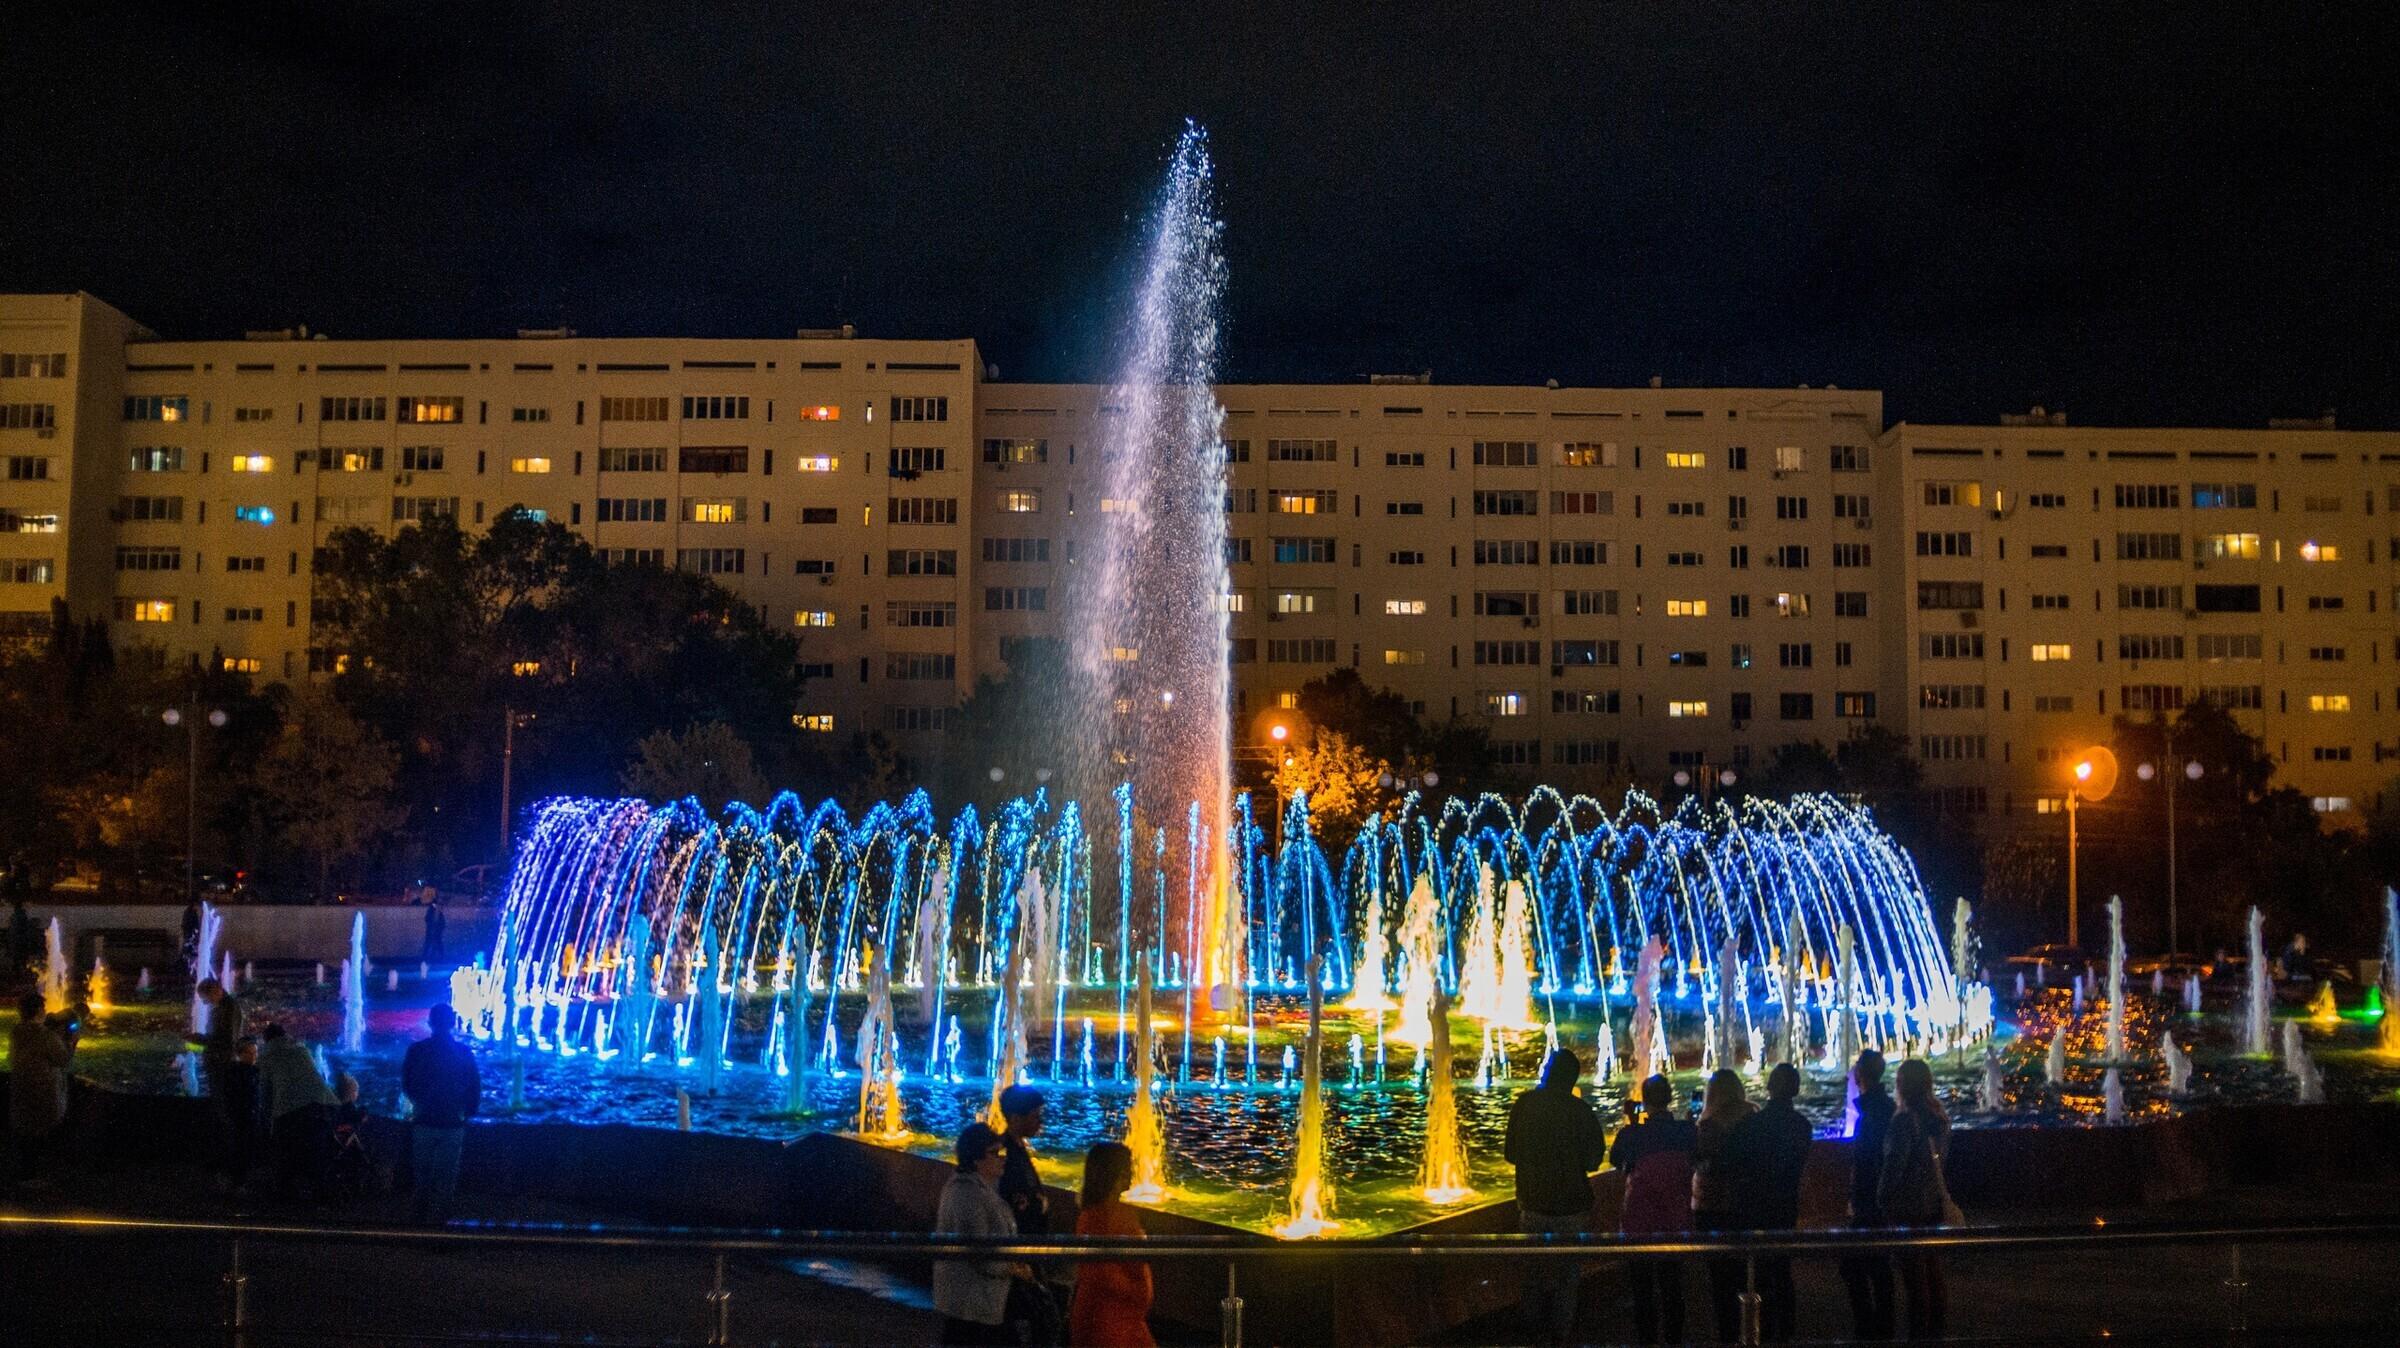 парк победы севастополь картинка того, как укрытие